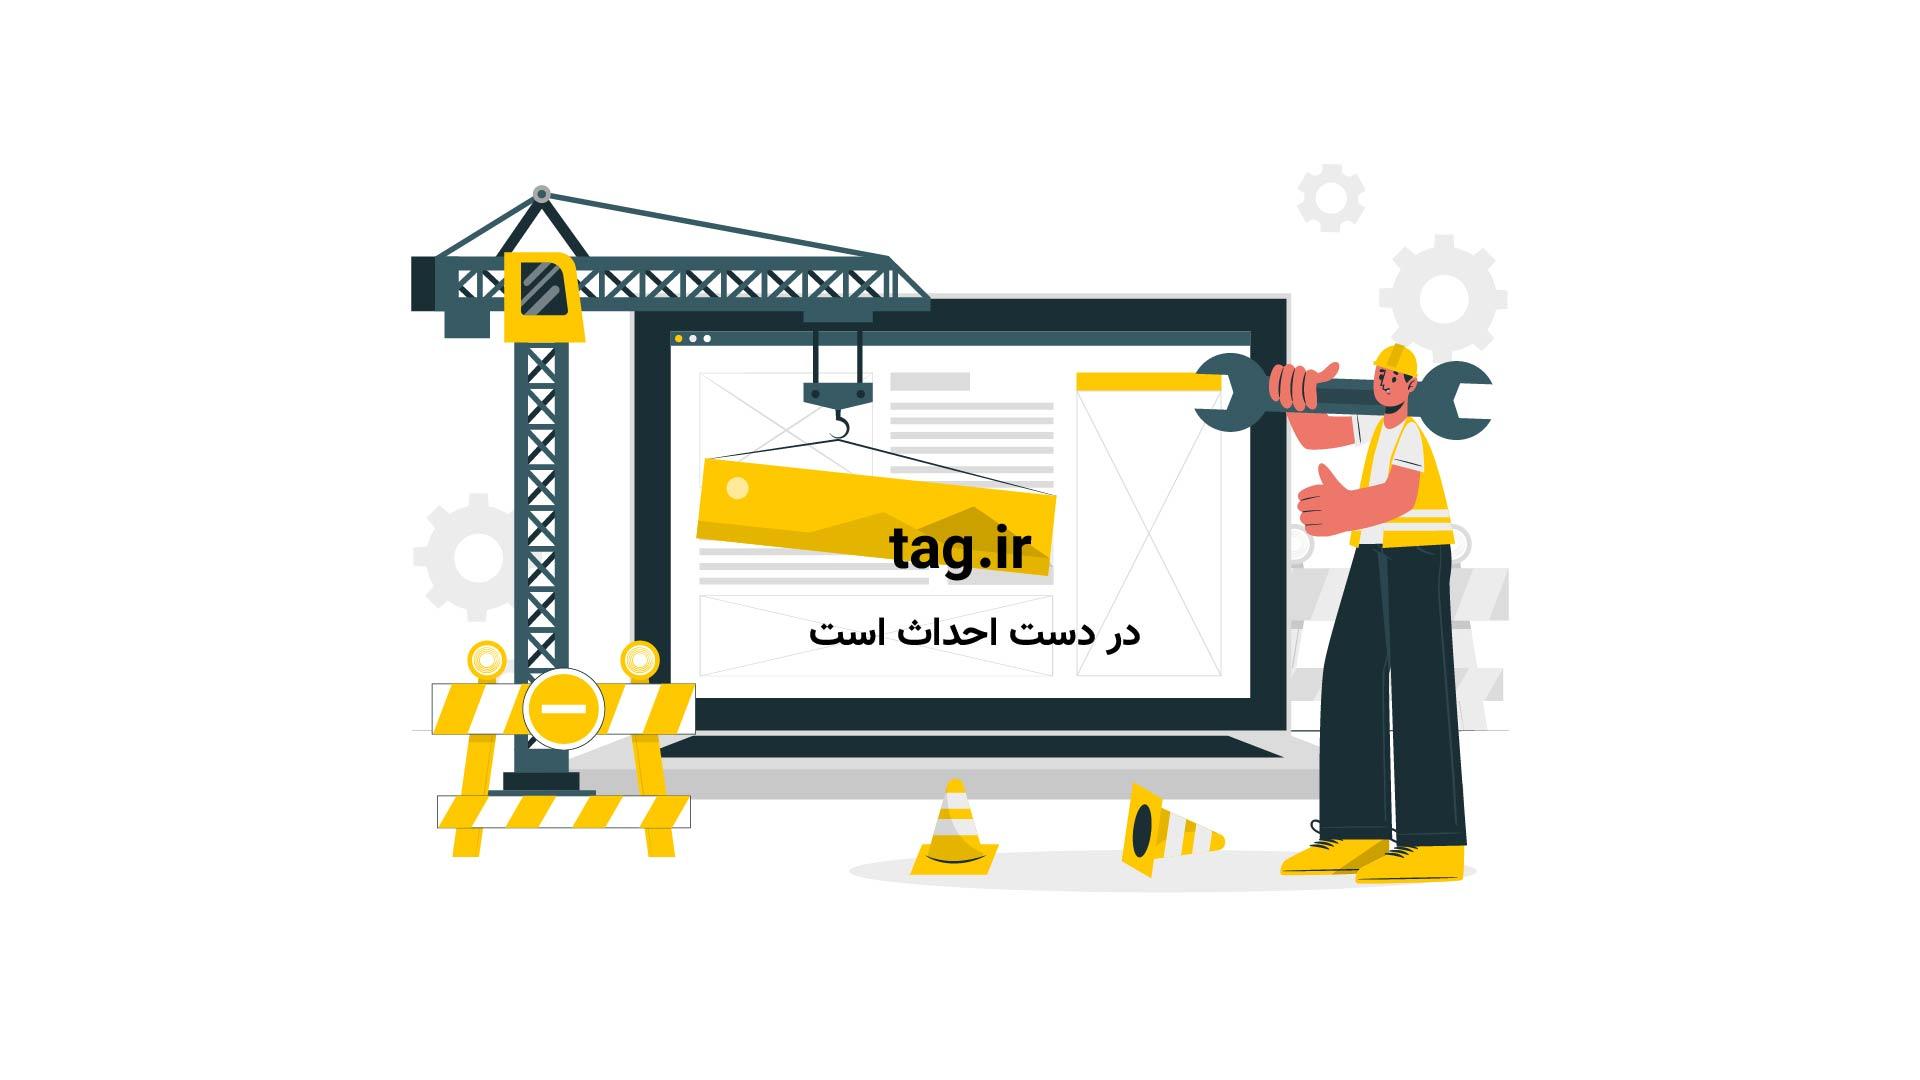 شمع ترسناک طرح جمجمه ویژه هالووین   تگ